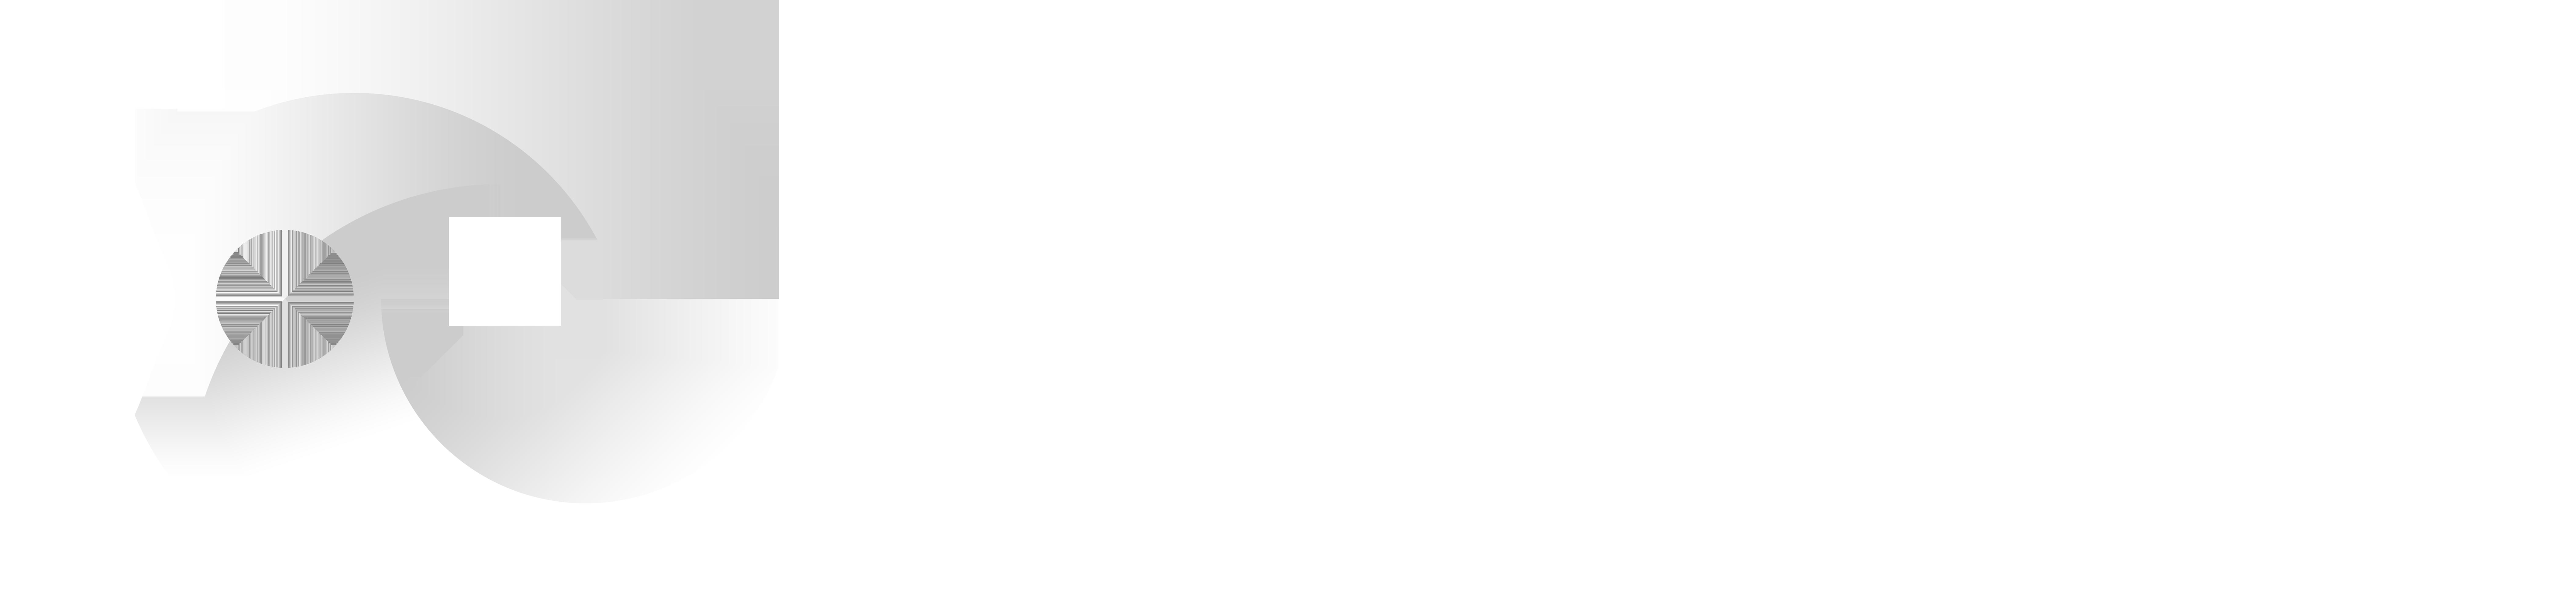 Coursebank Logo White